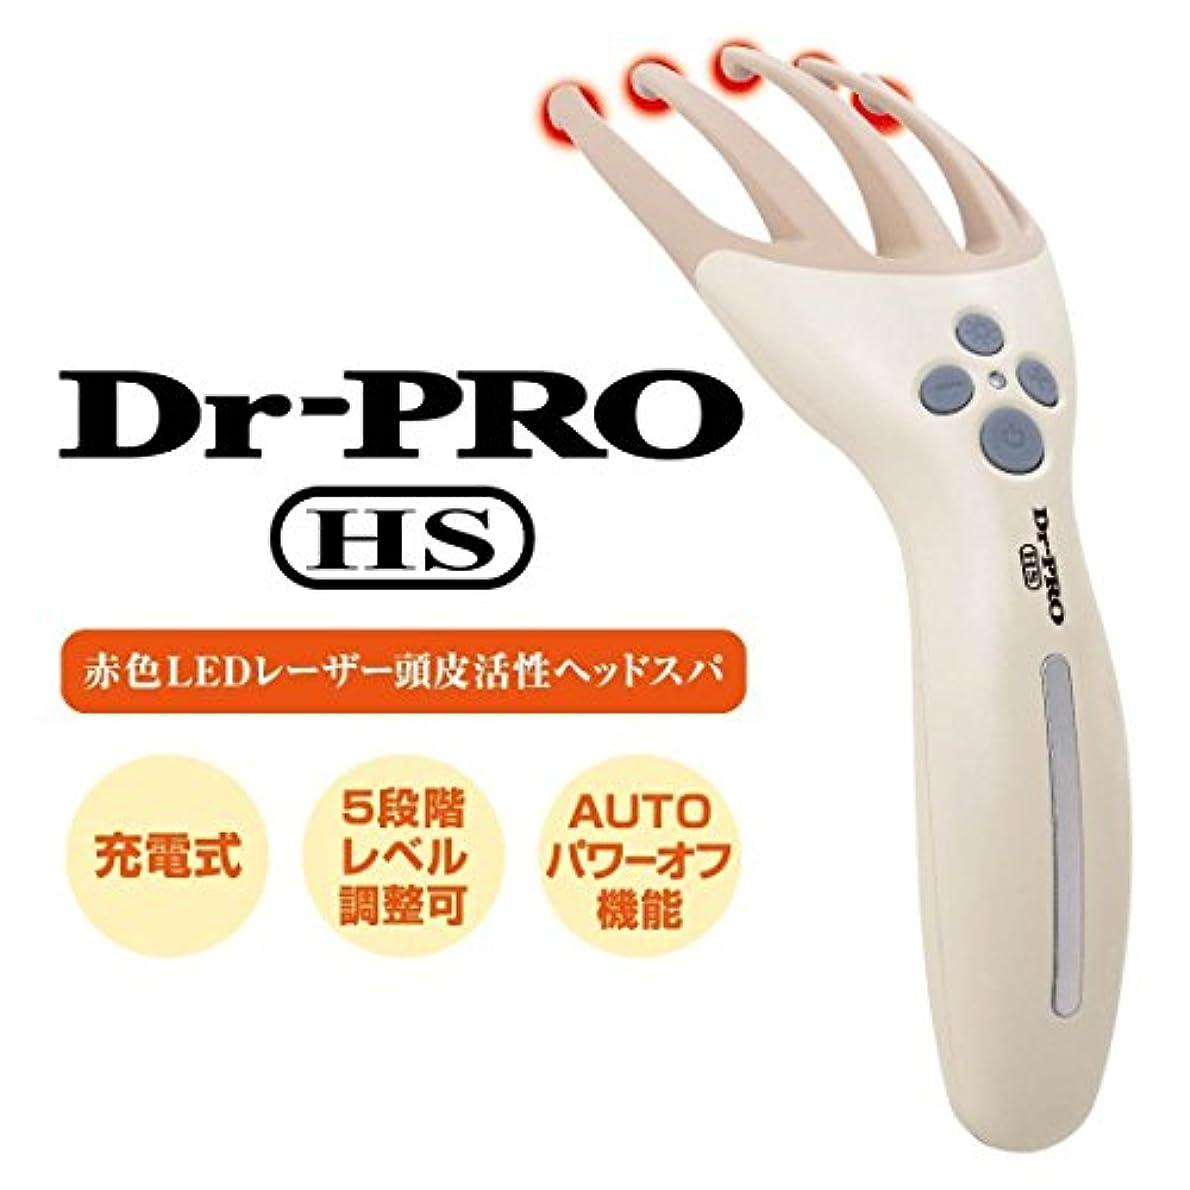 バンケット散る配置Dr-PRO HS(ドクタープロ ヘッドスパ)